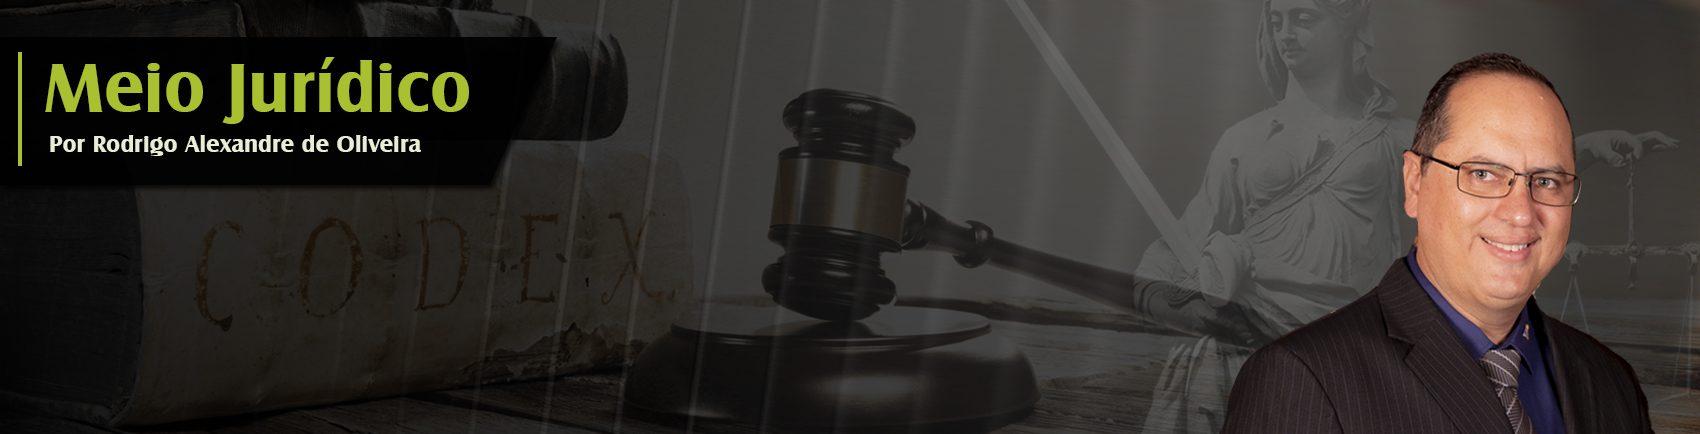 Meio Jurídico